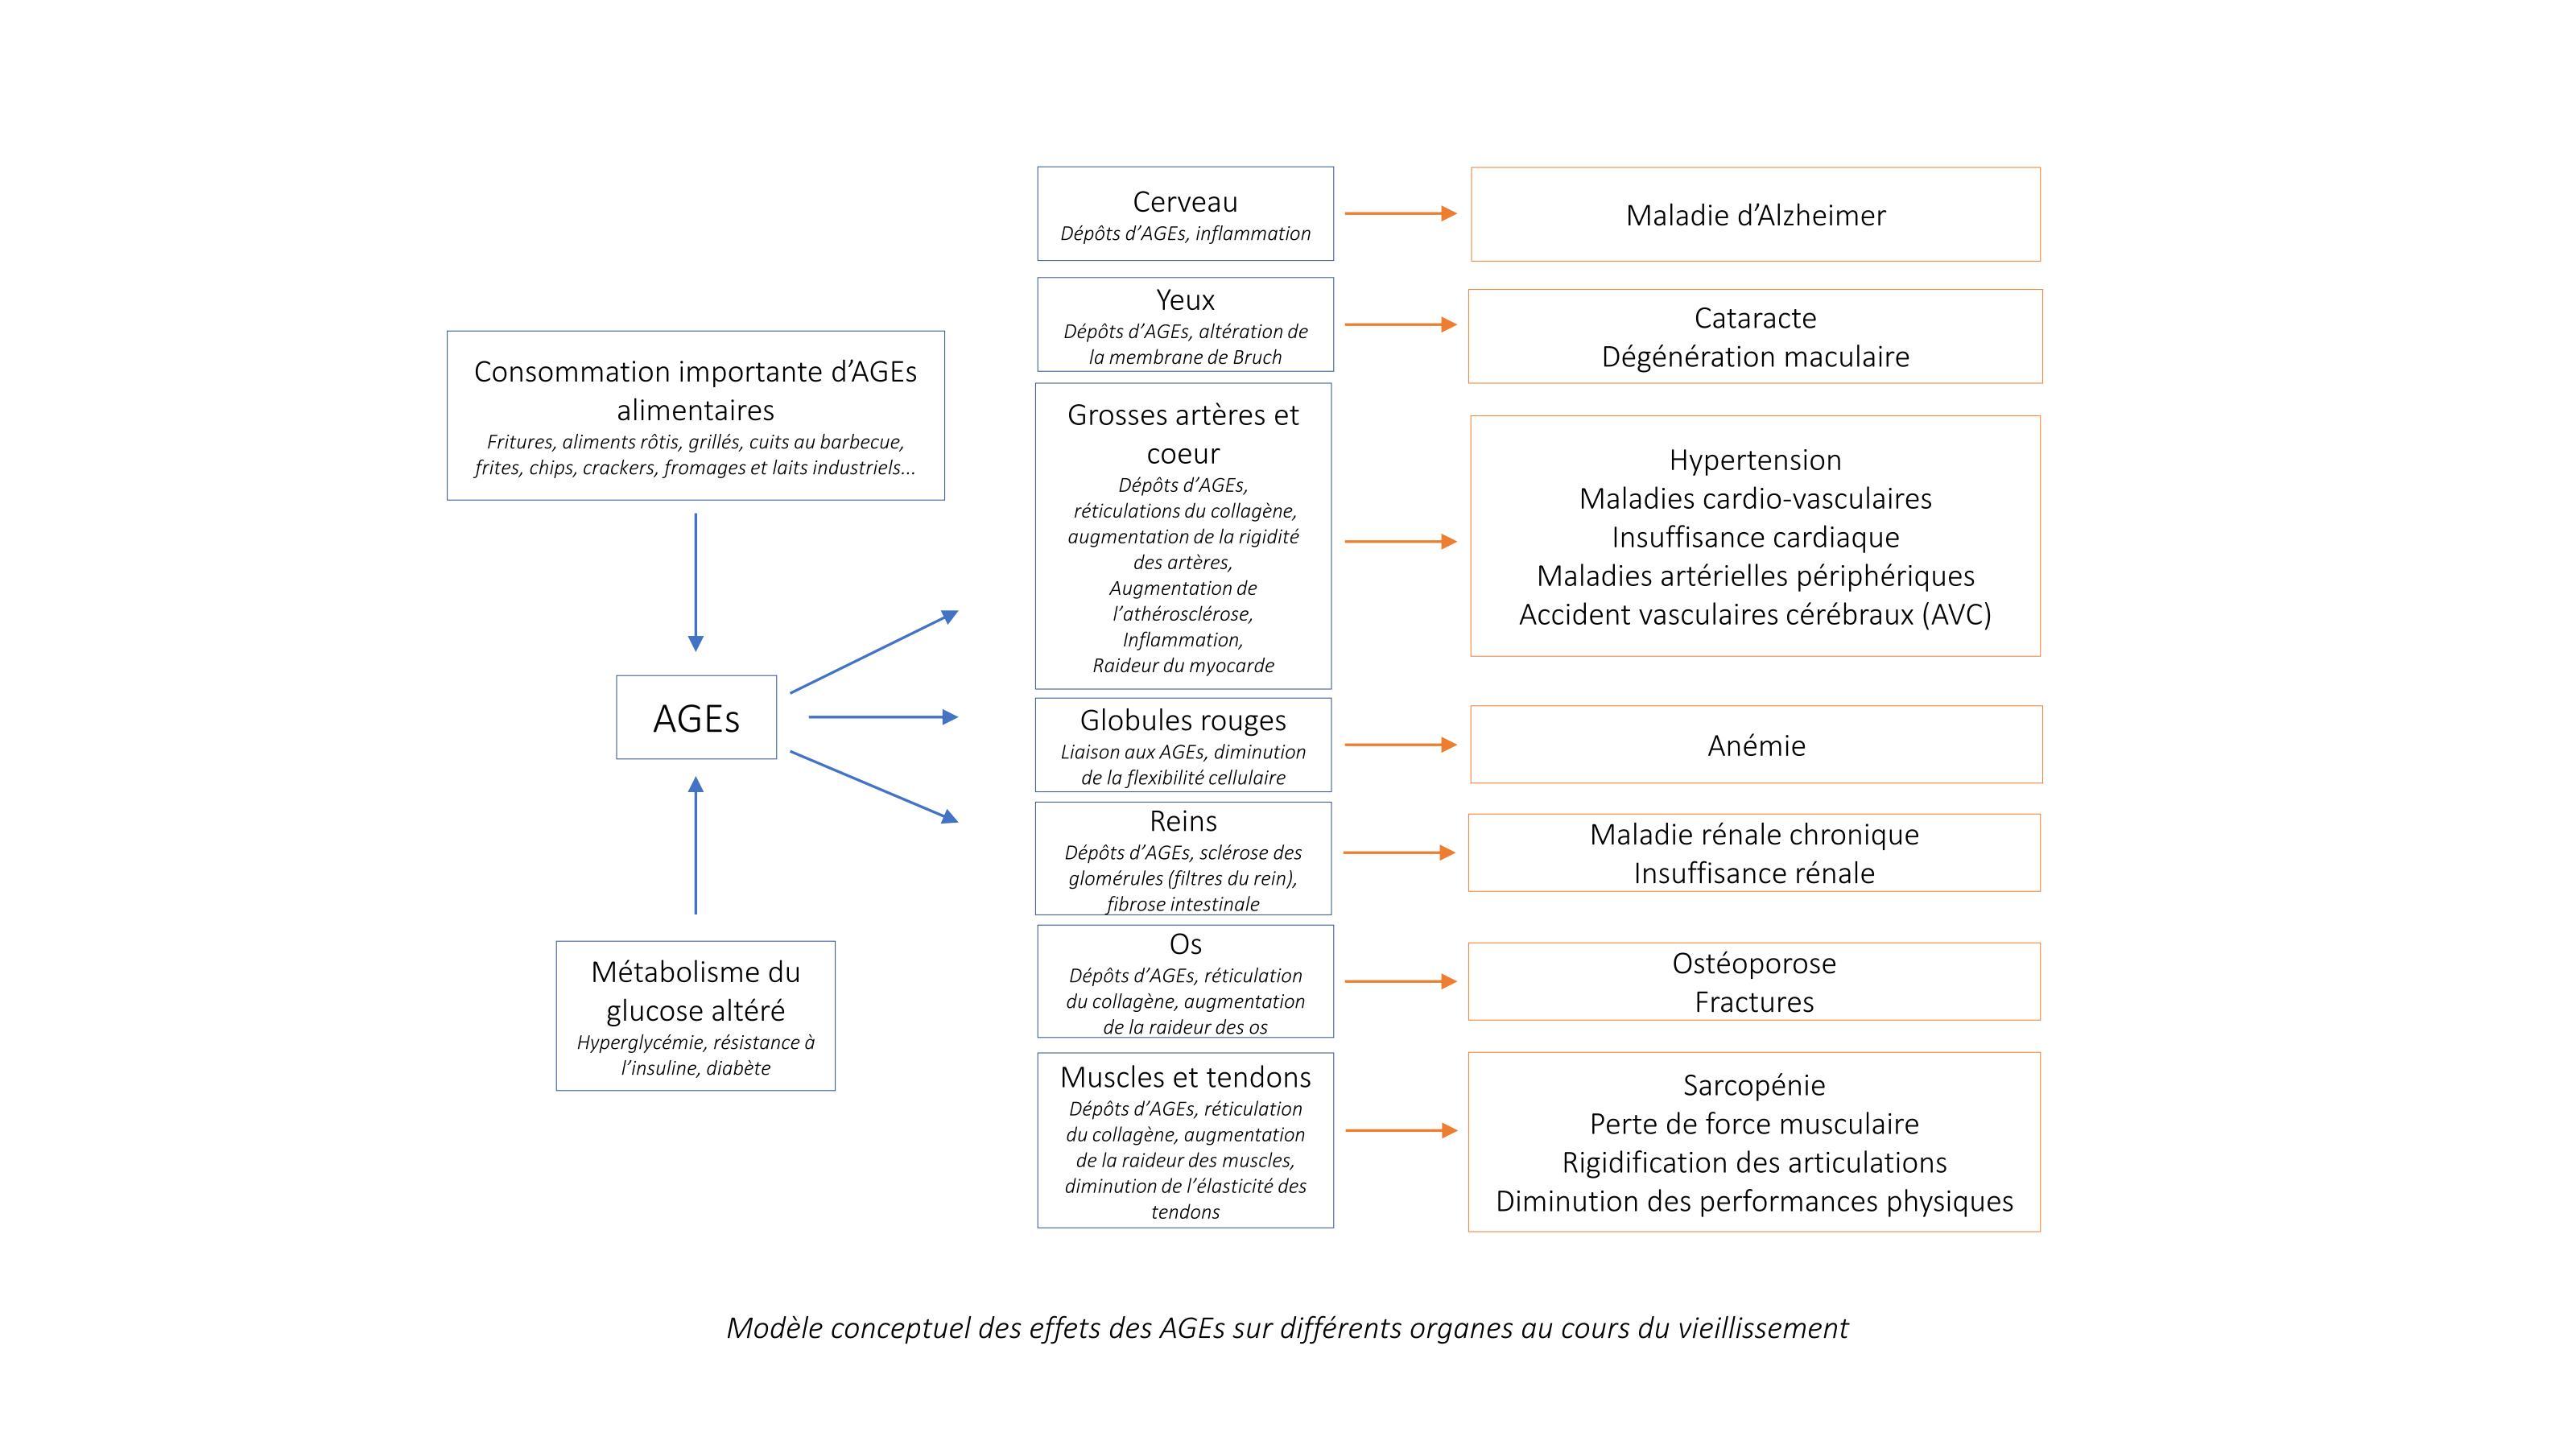 Impacts des AGEs sur les différents organes